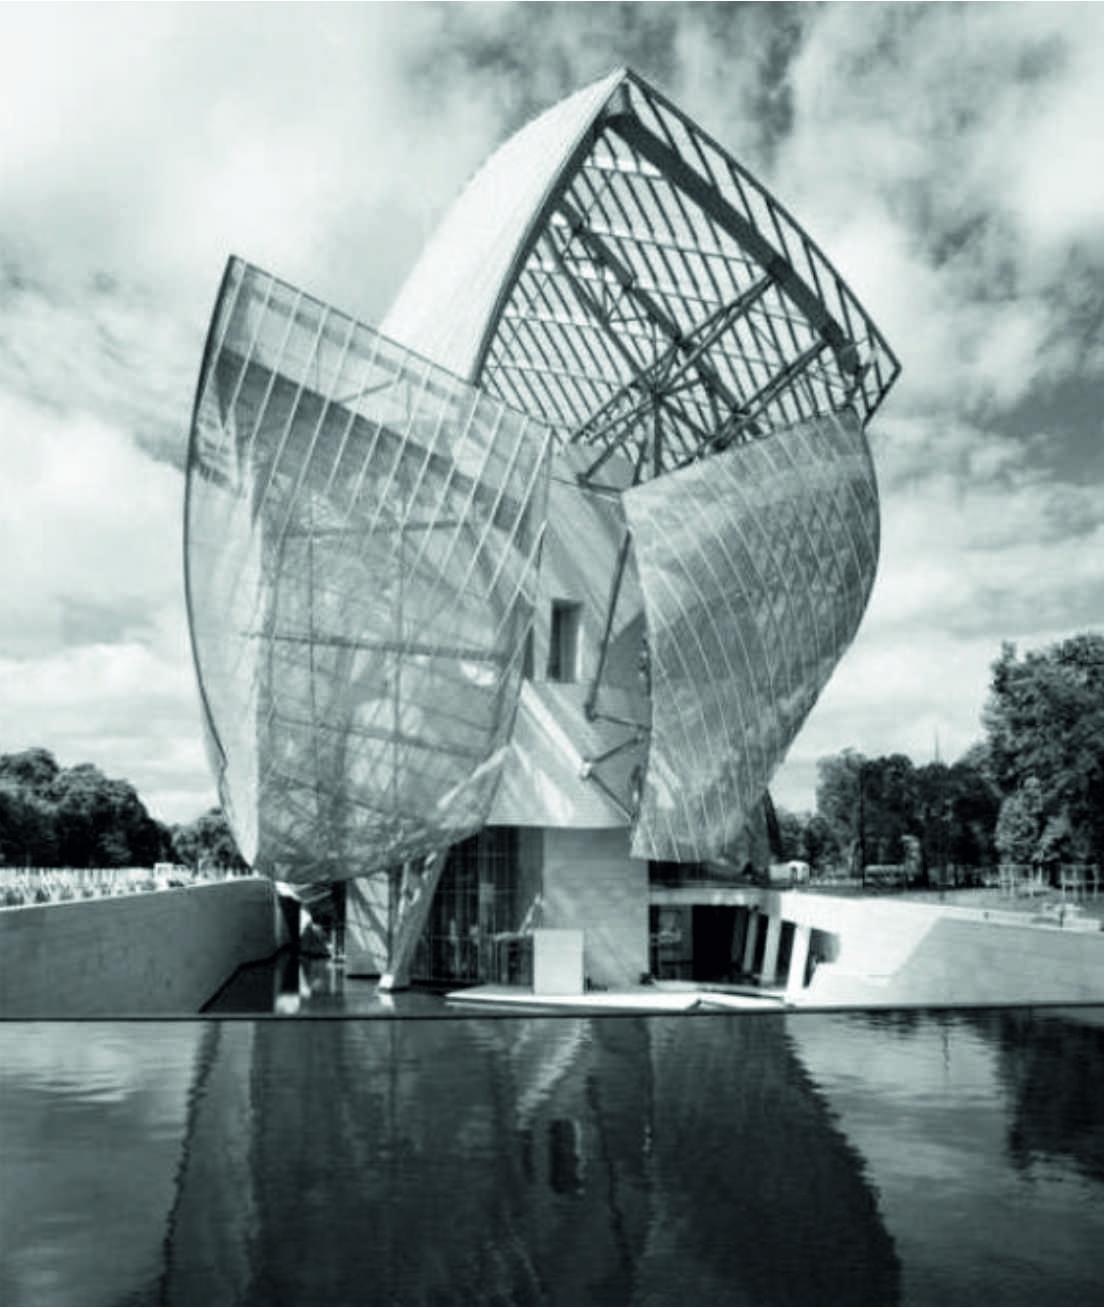 d7a2b67ba Inaugurada en el 27 de octubre de 2014, la Fundación Louis Vuitton, se  considera uno de los sitios dedicados a la creación artística contemporánea  francesa ...